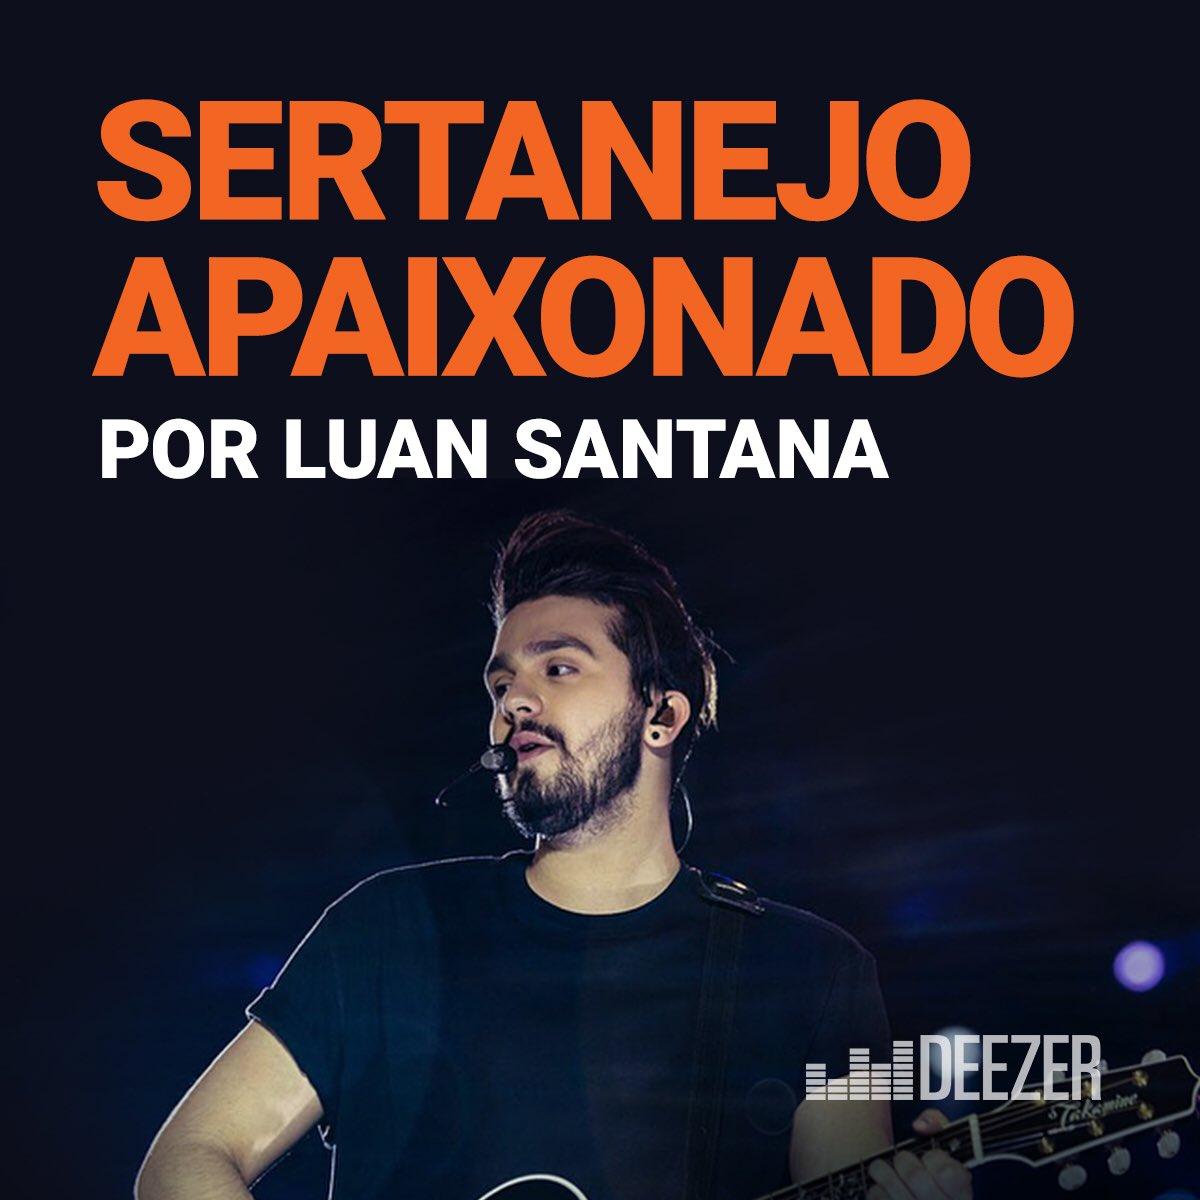 Parei com os rolês… e escolhi várias músicas que eu gosto pra vocês. Tá tudo na playlist Sertanejo Apaixonado da @DeezerBrasil. Olha https://t.co/nIqDnZpfhcsó:  ❤